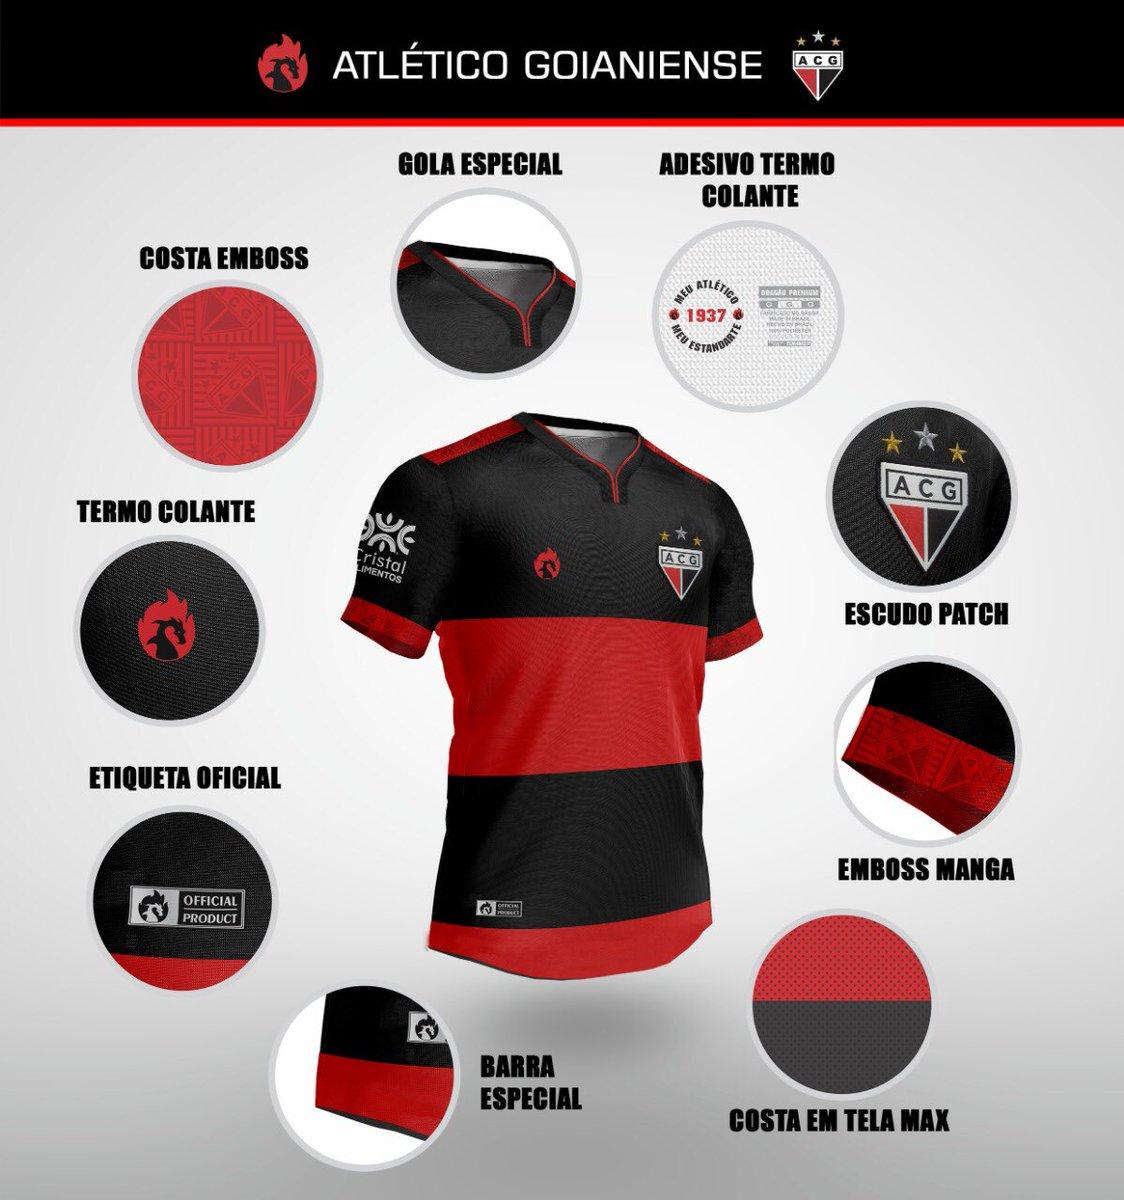 Camisas de futebol raras: Atlético-GO